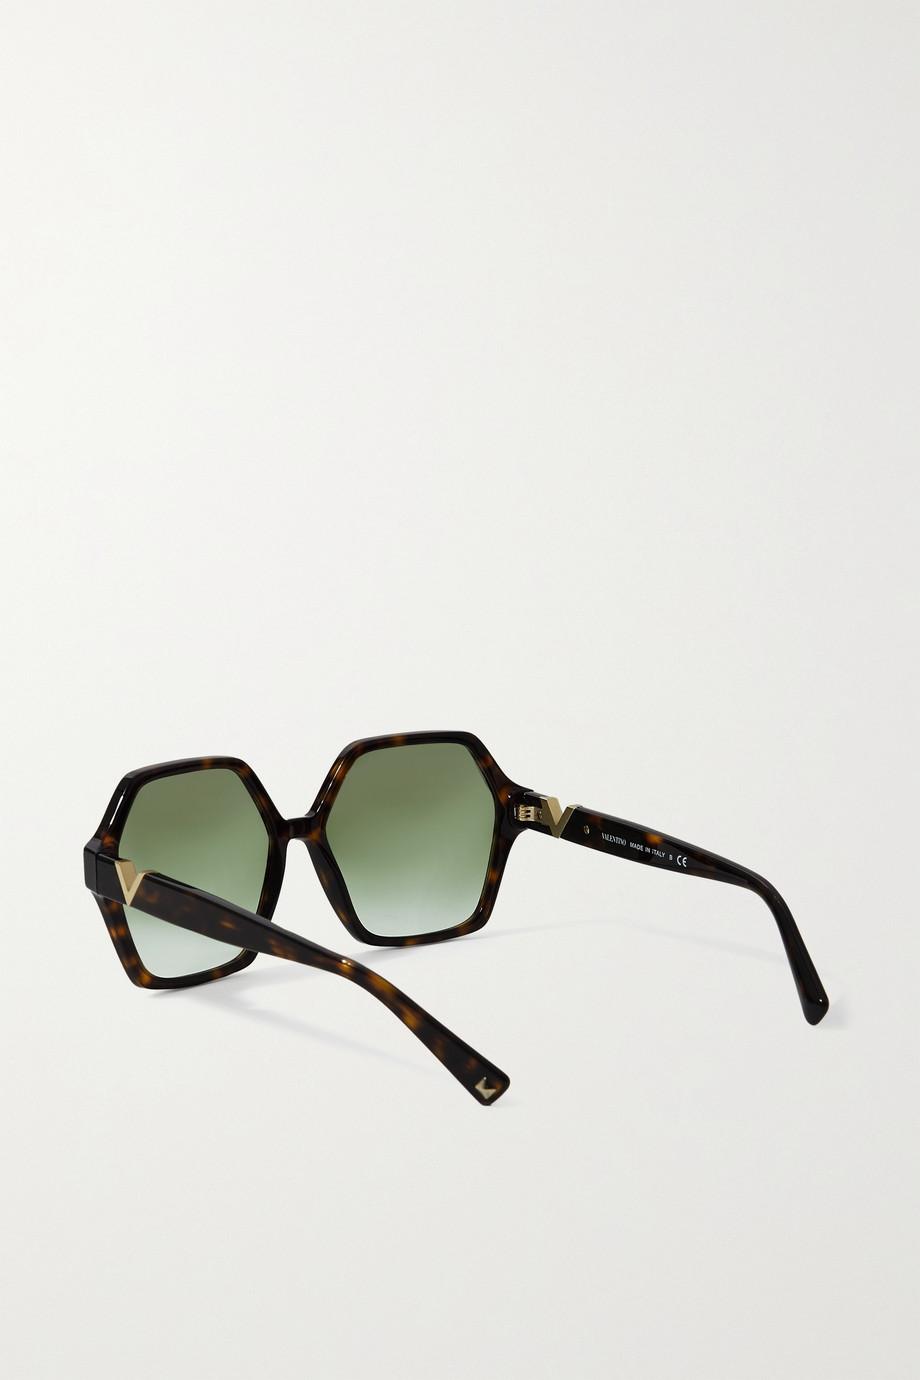 Valentino Valentino Garavani Sonnenbrille mit sechseckigem Rahmen aus Azetat in Hornoptik